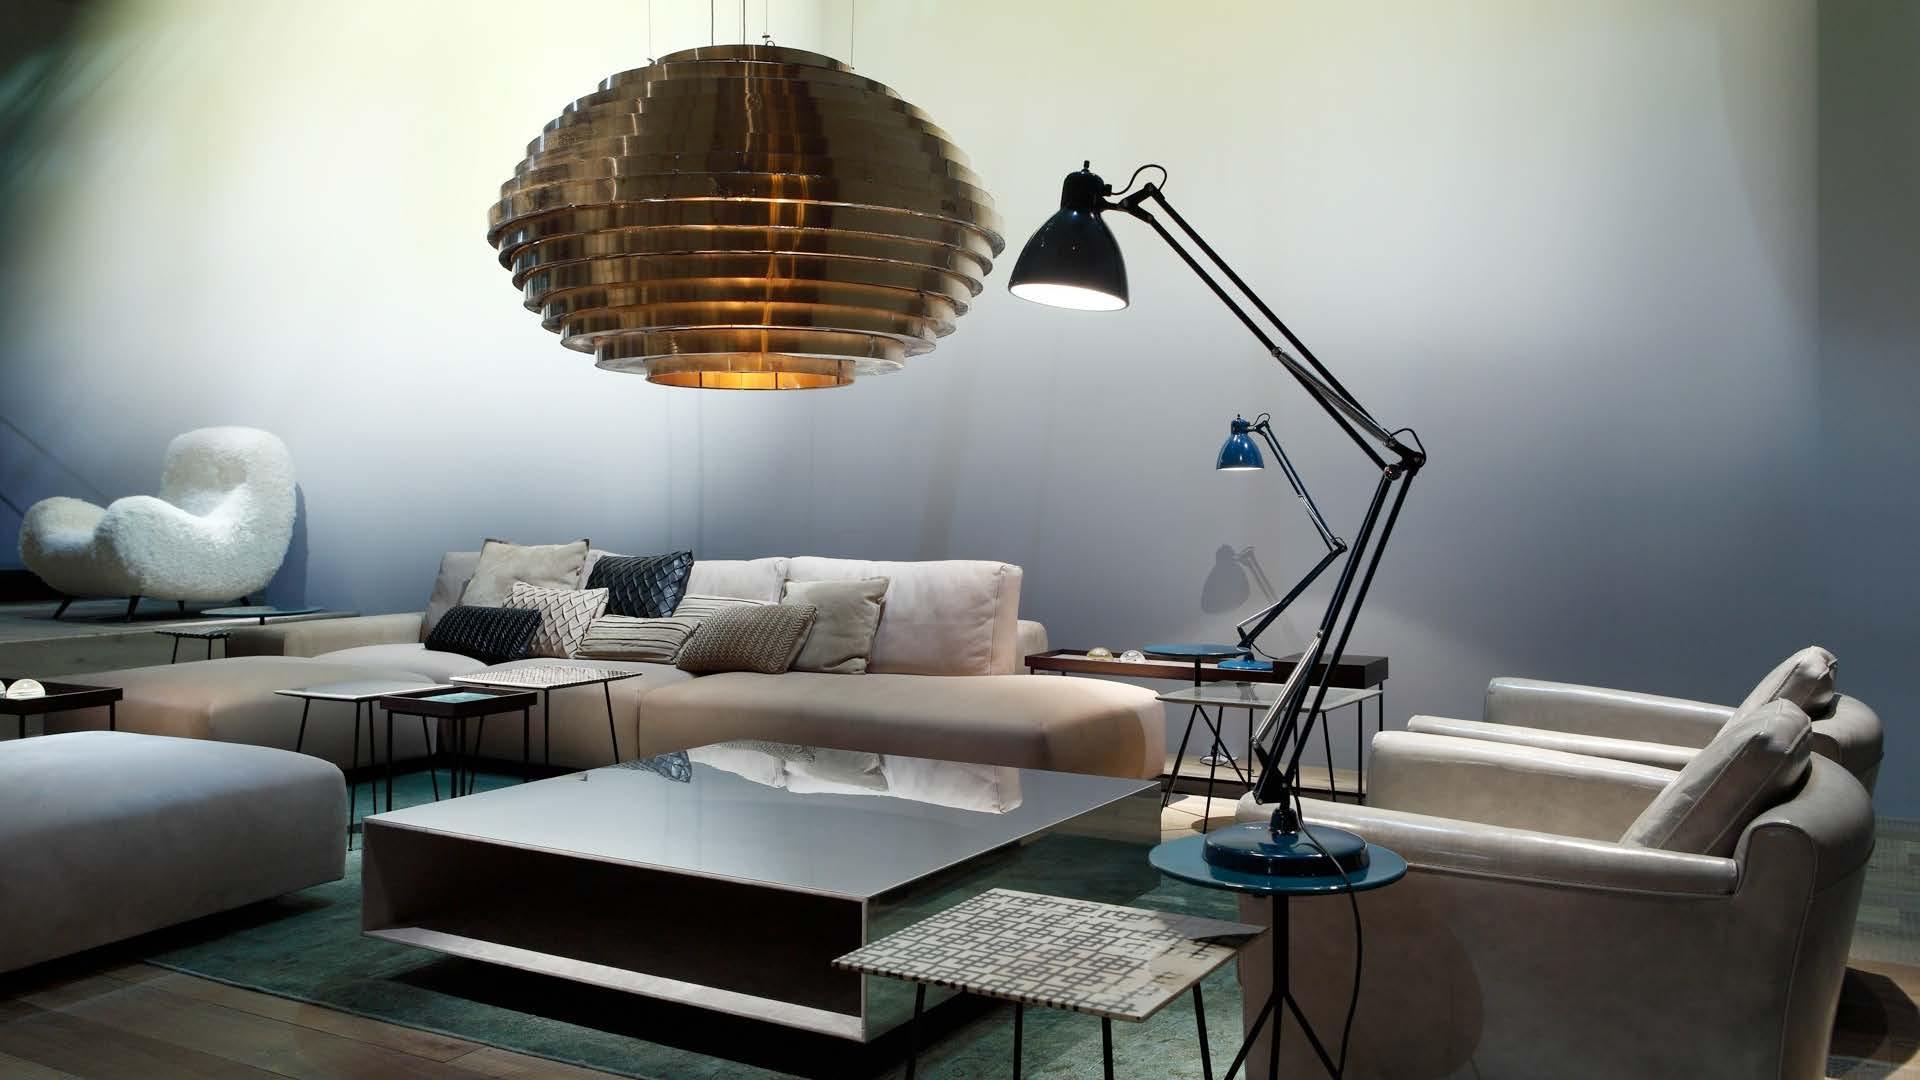 baxter salone 2013 milano (21)